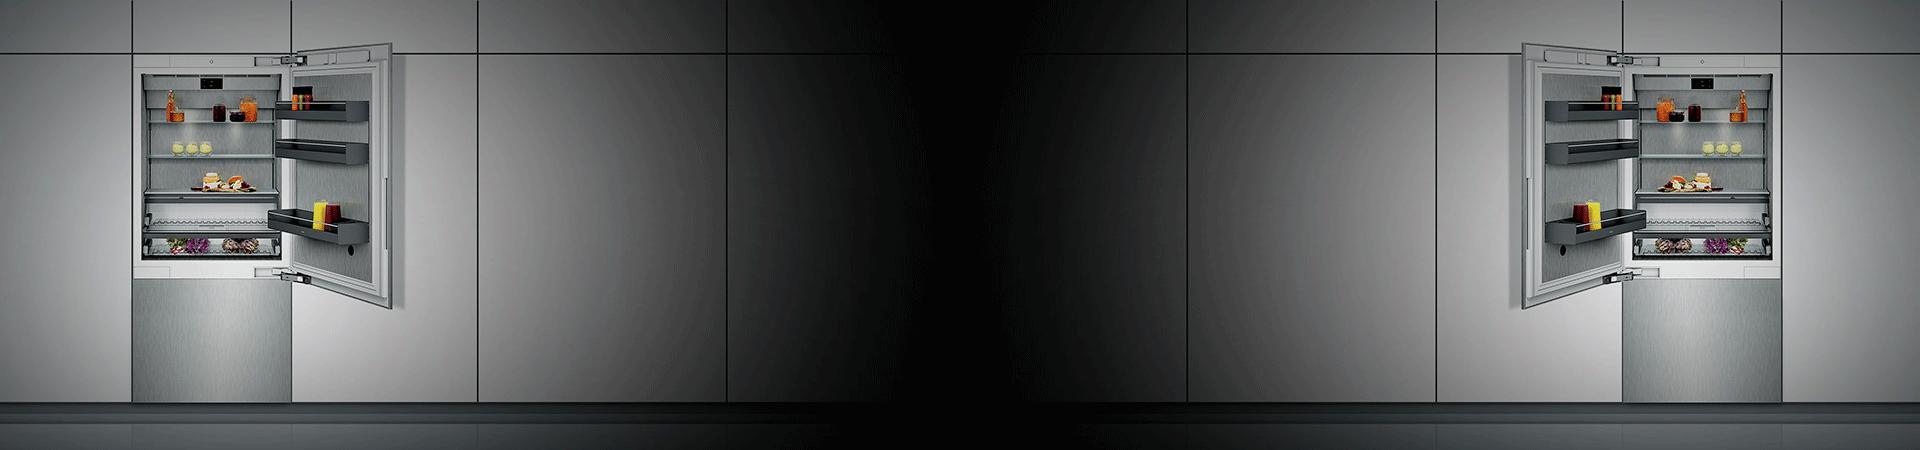 מקרר GAGGENAU דגם RB492 304